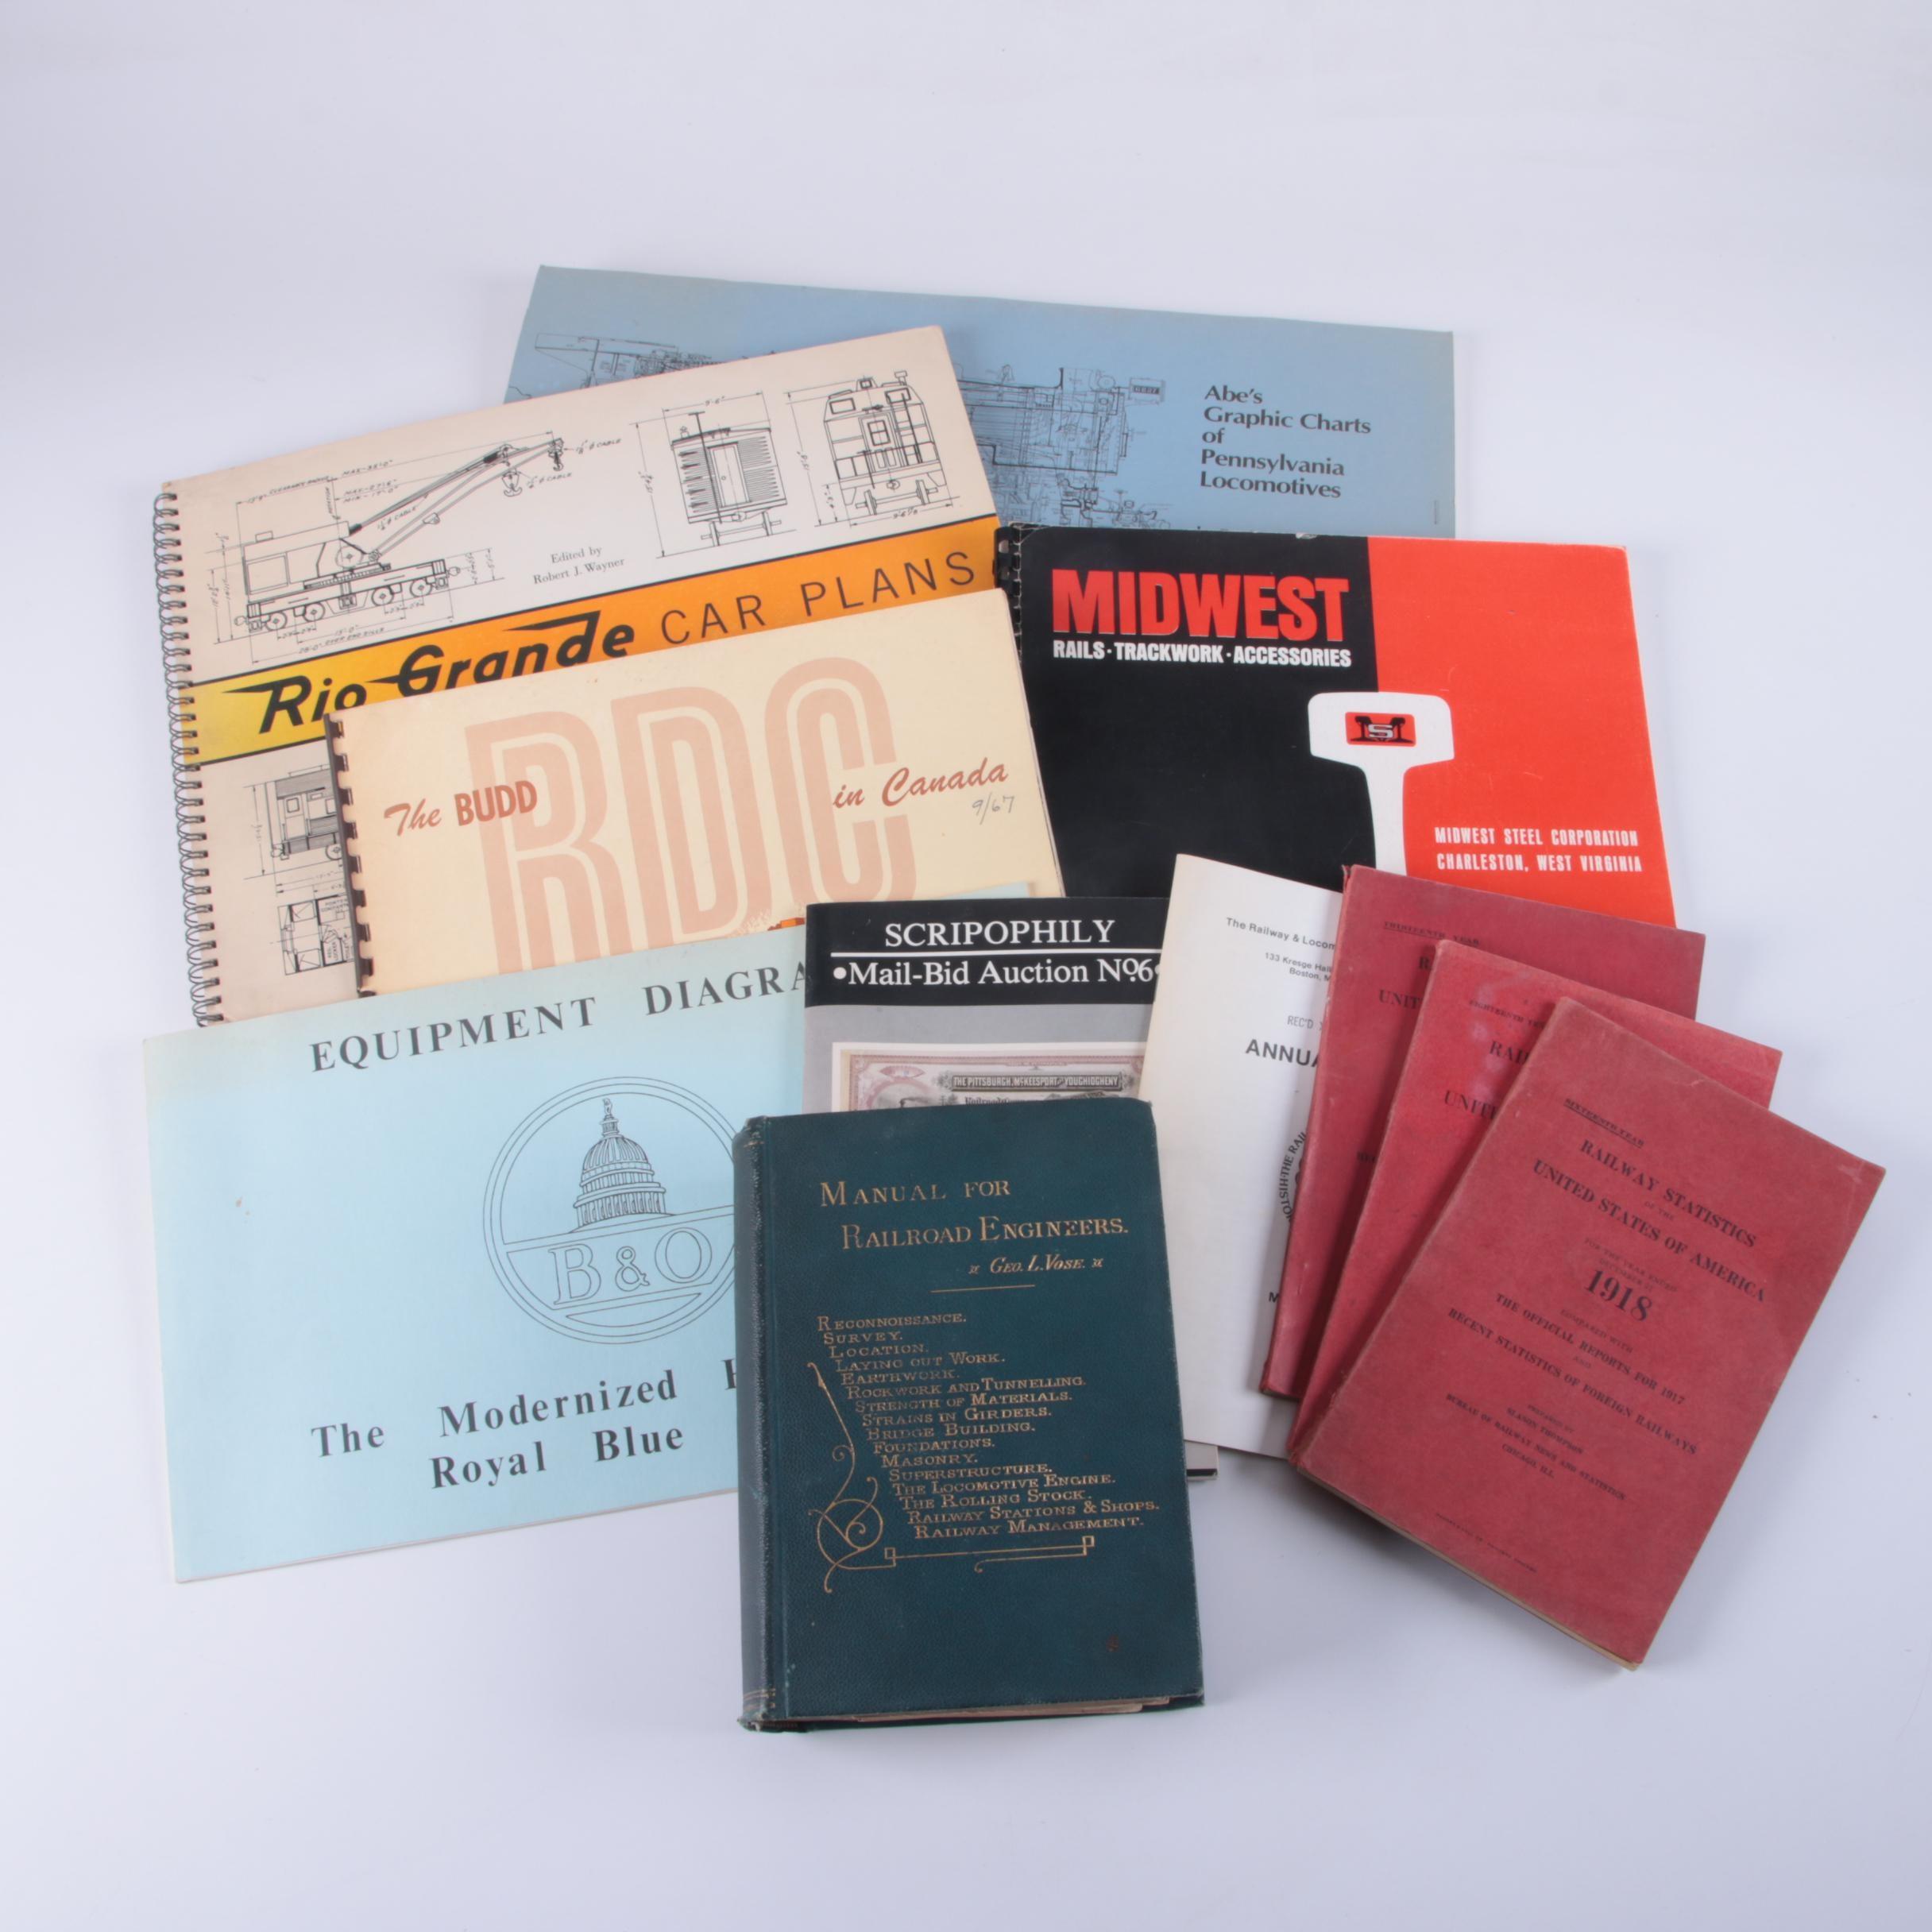 """Books on Trains including """"Rio Grande Car Plans"""""""